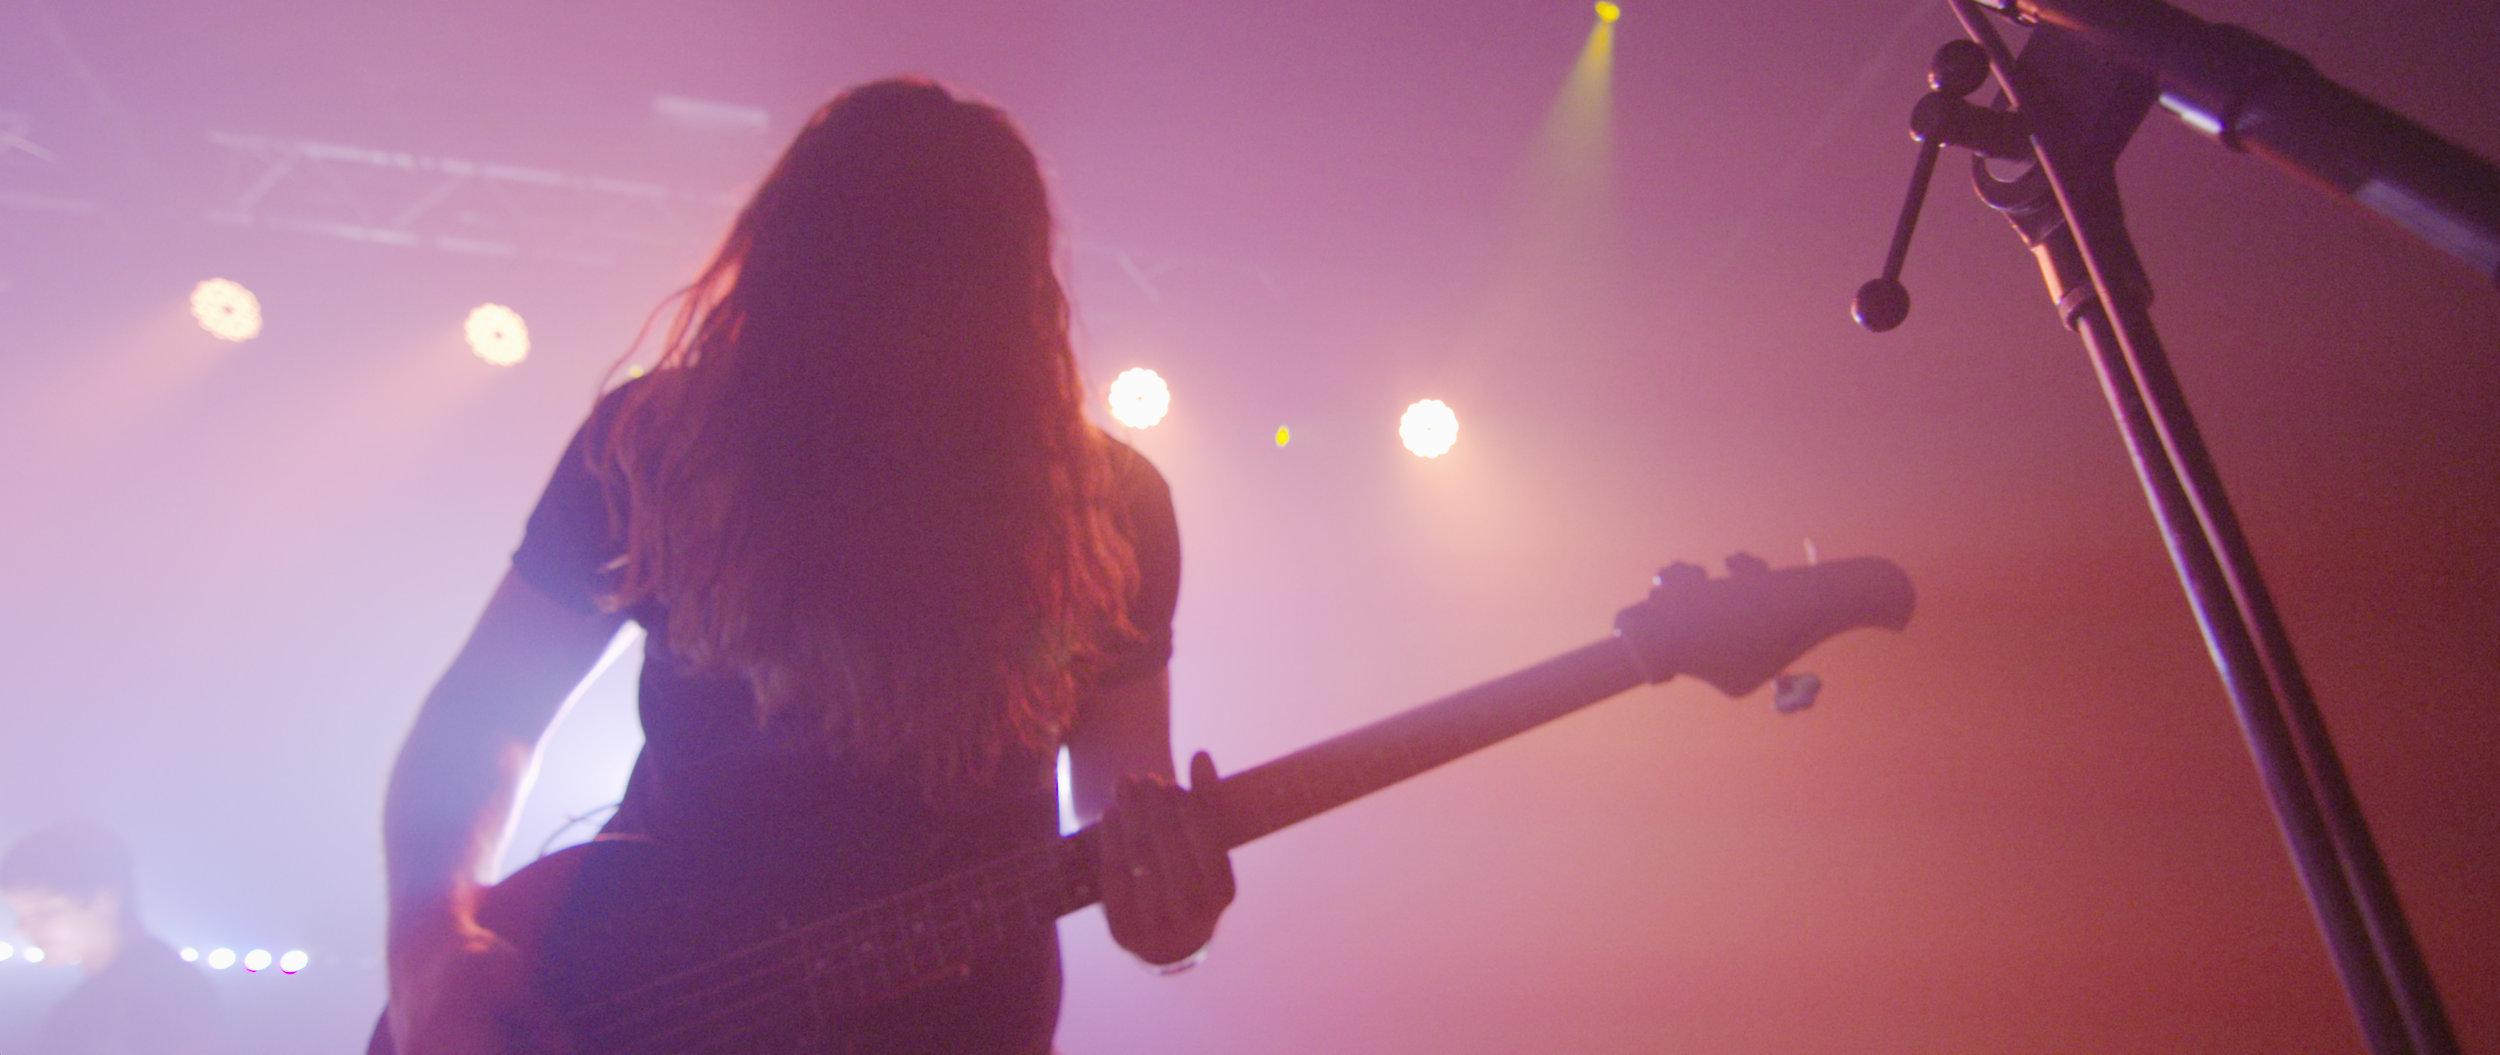 os bass.jpg